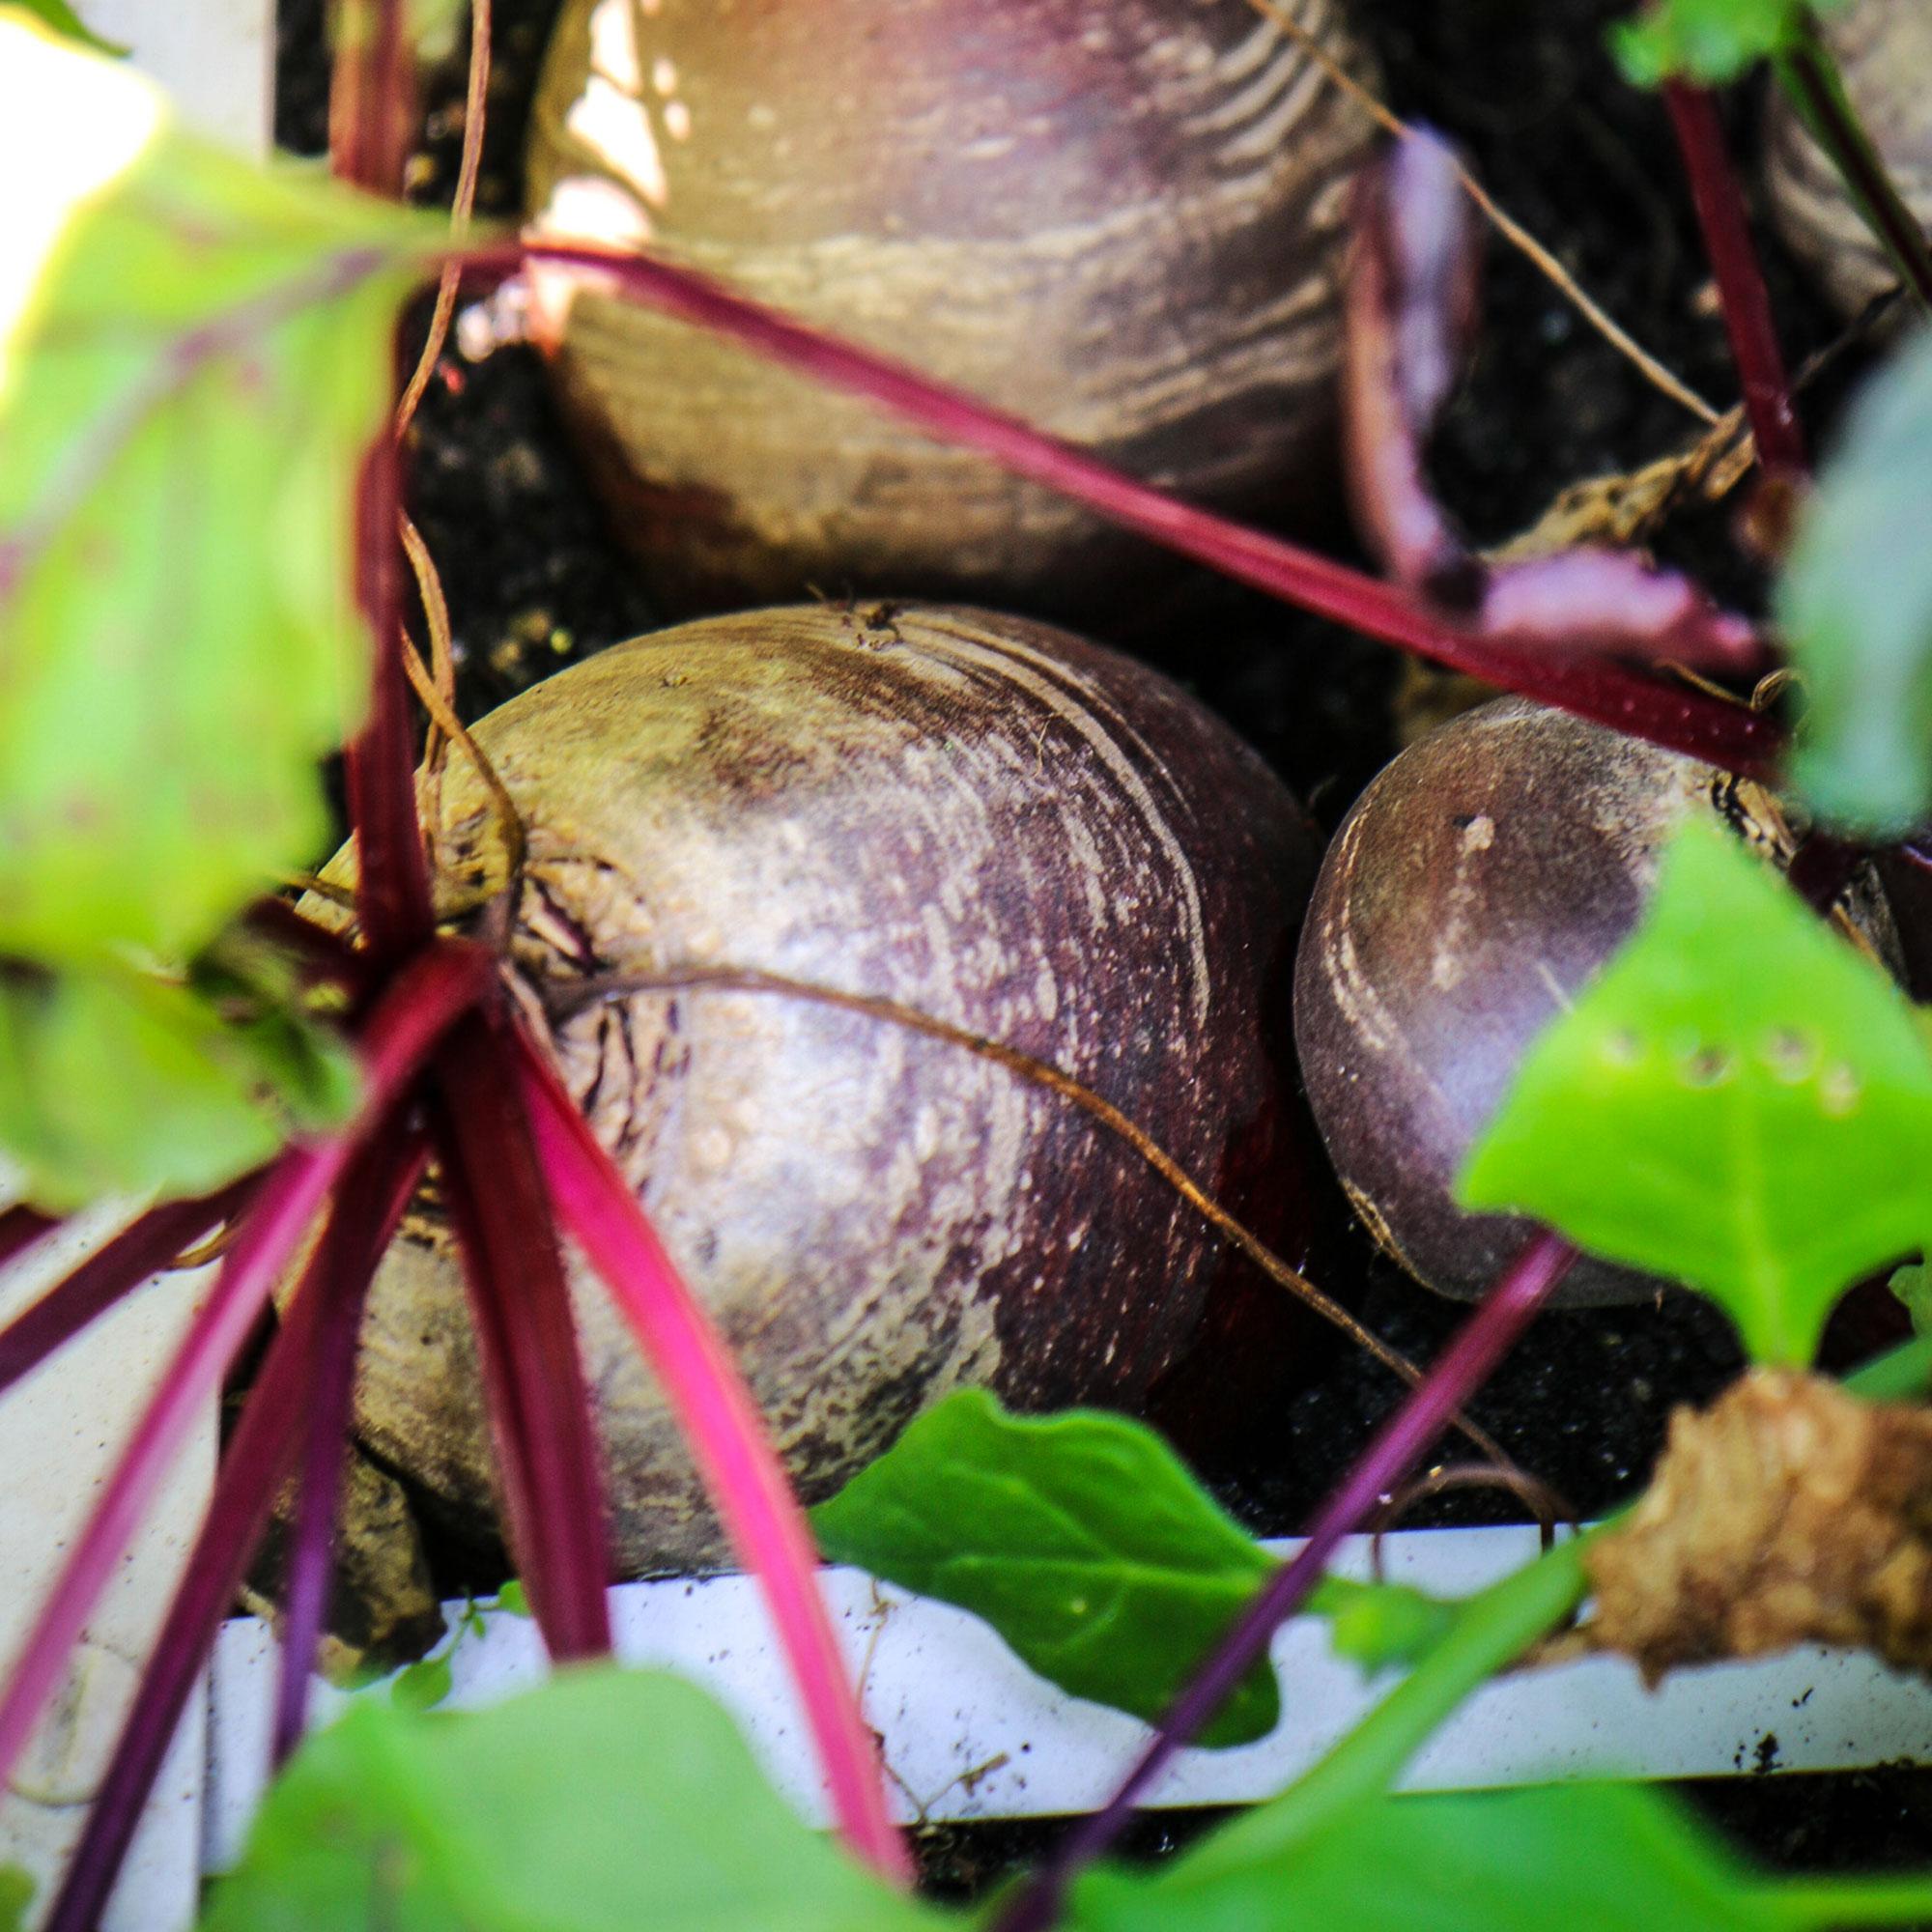 Volgroeide bieten kan je lang in de moestuinbak laten staan